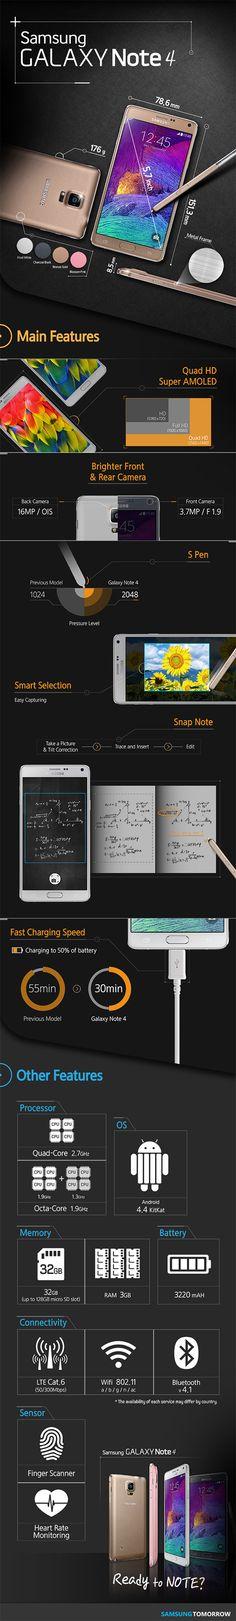 Le caratteristiche principali di Note 4 in un'infografica di Samsung - hdblog.it